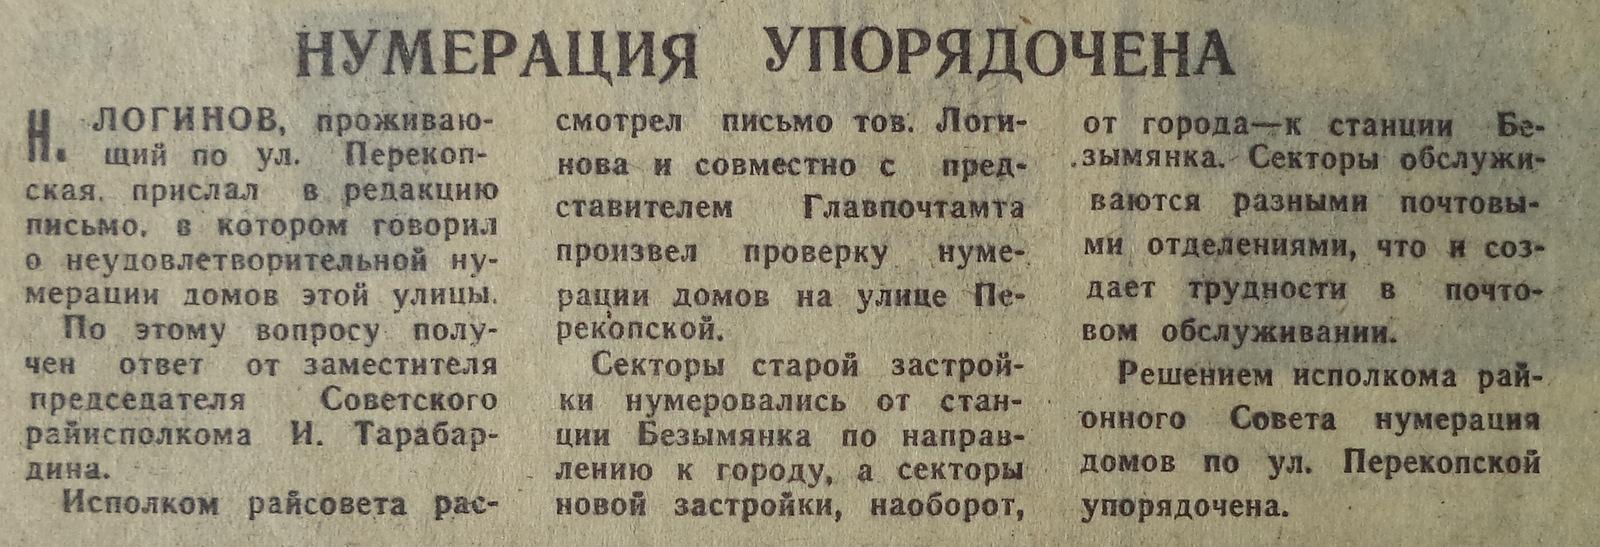 Перекопская-ФОТО-16-ВЗя-1969-10-17-нумерация по ул. Перек.